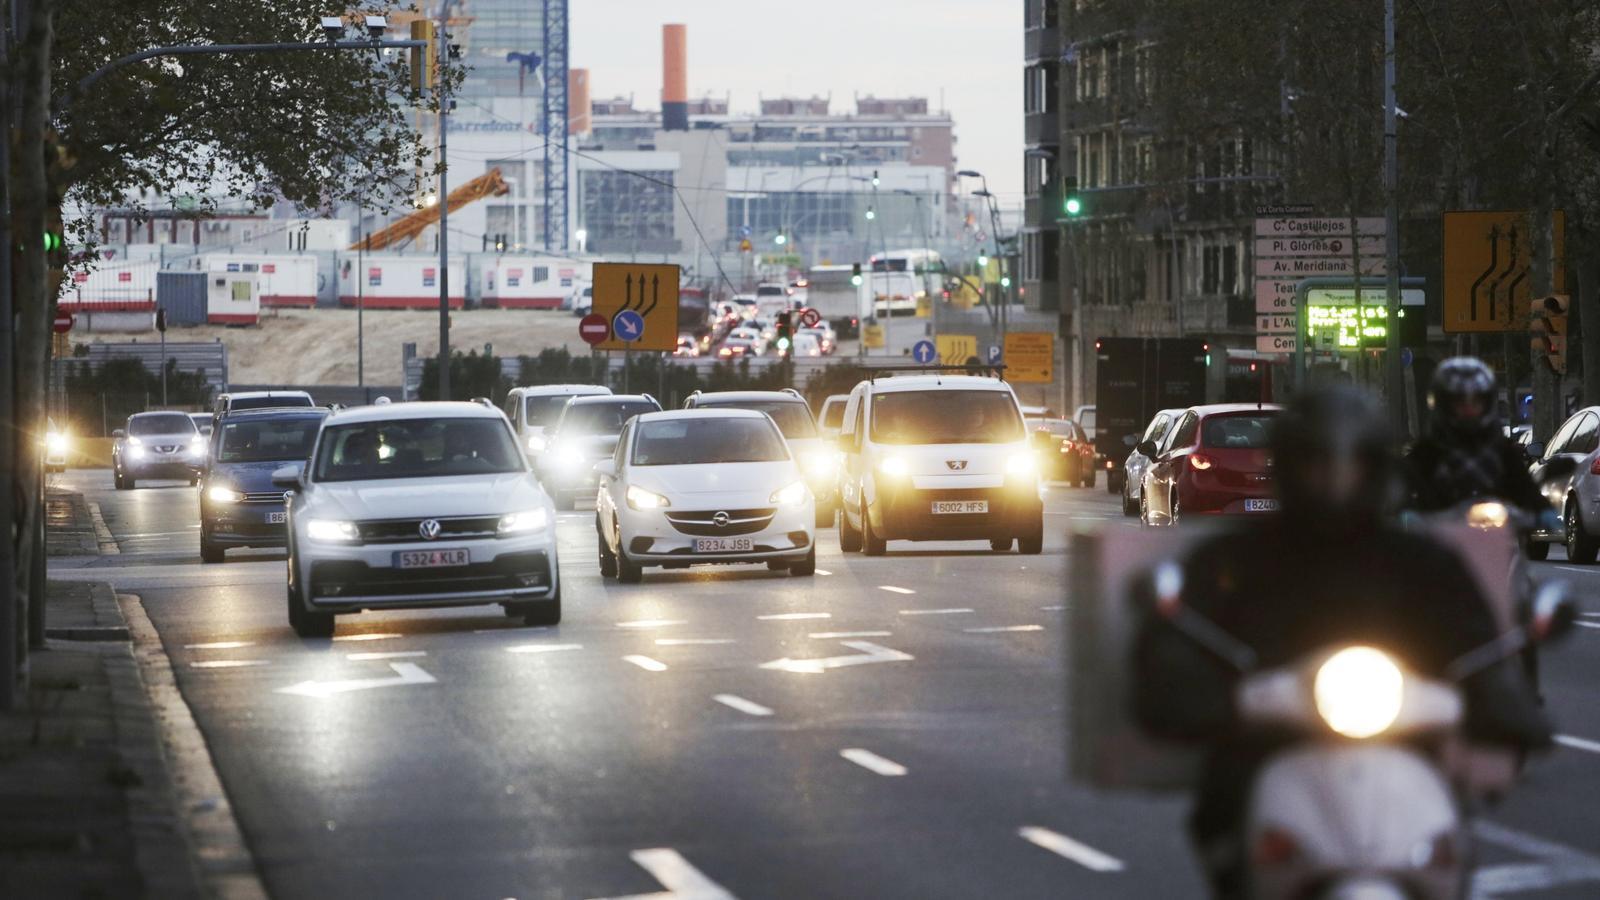 Els conductors ignoren la zona de baixes emissions